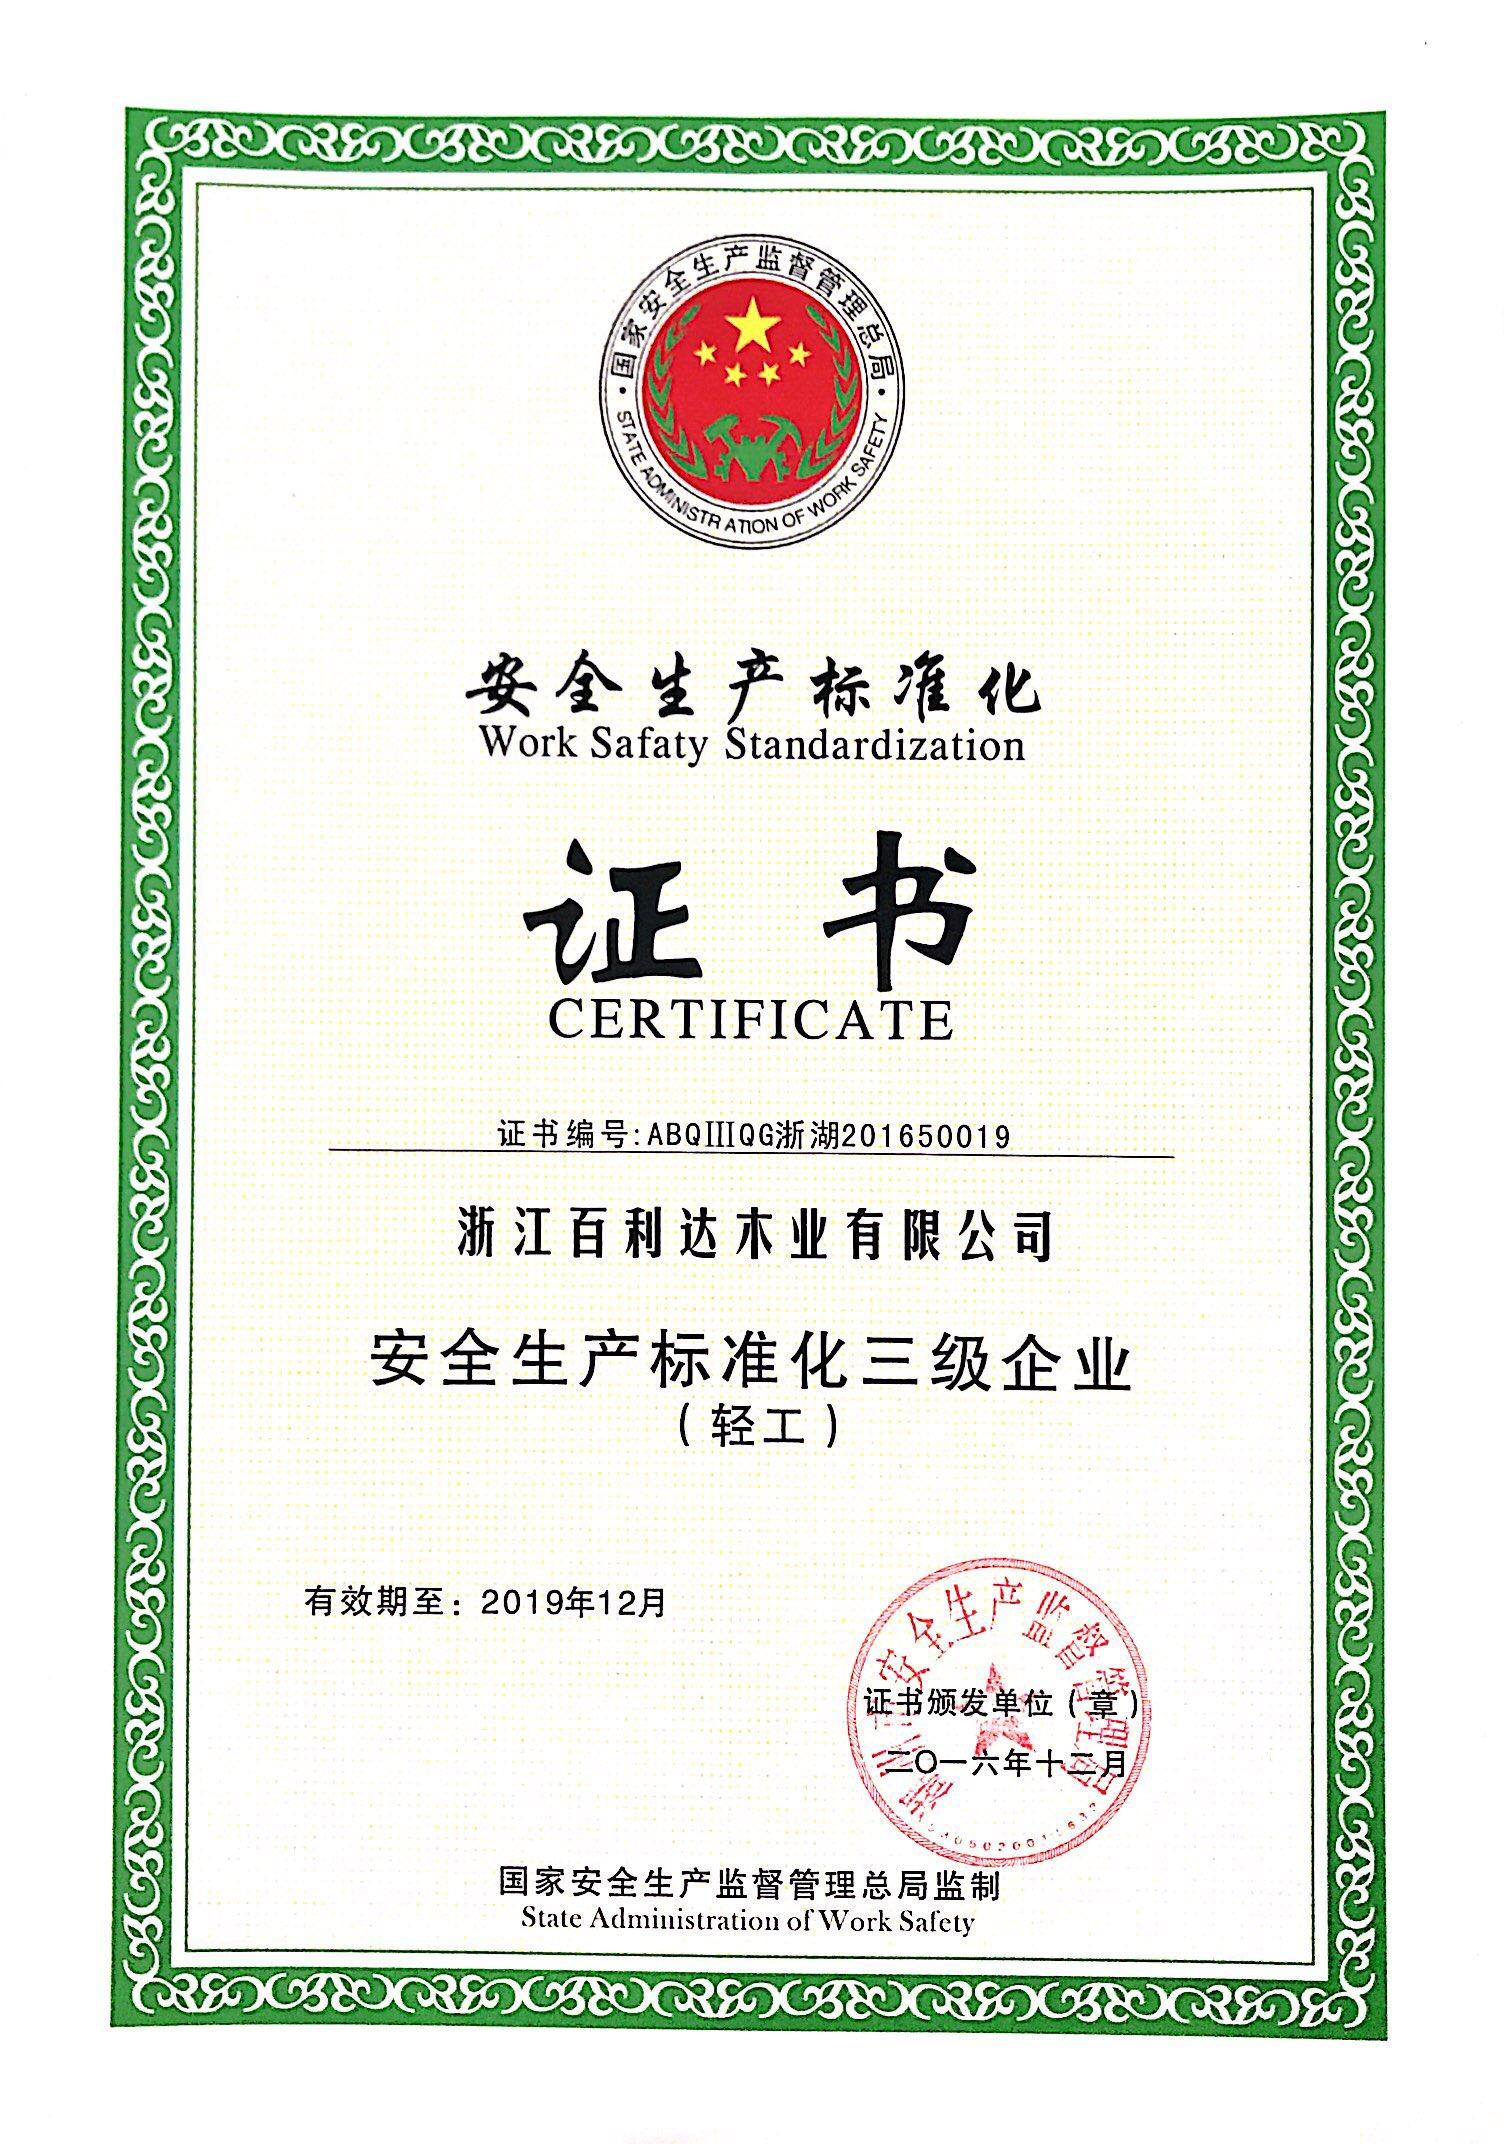 2018年安全生产化证书